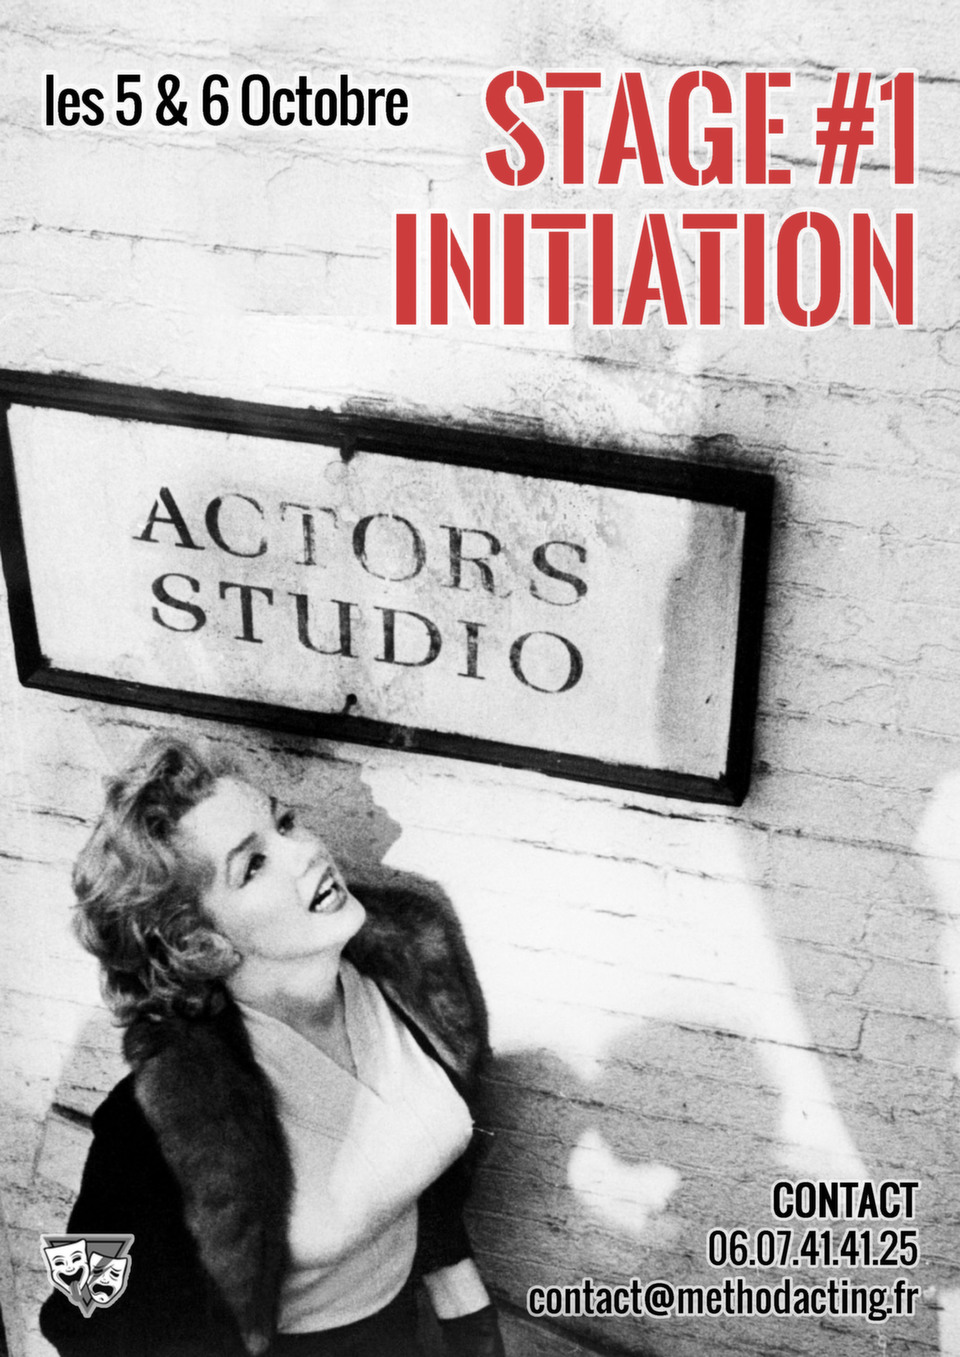 Stage 1 Initiation à l'Actors Studio<br />Method Acting Center<br /><br />WEEKEND du 5 & 6 Octobre 2019<br />de 15h30 à 19h30 le samedi & de 11h30 à 19h30 le dimanche,<br />au 93 Avenue d'Italie, Paris 13e<br />avec Ana SEKULIC<br /><br />Élaborée par Constantin Stanislavski puis popularisée par le légendaire Actors Studio de New-York, la méthode Actors Studio a littéralement révolutionné le monde de l'Acting.Il ne s'agit pas ici de vaguement copier la vie :<br />Il s'agit véritablement d'y créer la vie ! <br /><br />Method Acting Center vous propose de vous initier à cette célèbre «méthode Actors Studio» grâce à du travail sur les outils de base, des passages de mini-scènes et des exercices d'exploration/relaxation.<br />Un peu de théorie bien sûr mais surtout beaucoup de pratique !<br /><br />OBJECTIFS du Stage #1 INITIATION :<br />- Découvrir les bases de l'Actors Studio<br />- Appréhender et expérimenter le jeu réaliste/cinéma<br />- Développer l'écoute, l'imagination, la mémoire émotionnelle, l'aisance, le charisme<br />- Approfondir, aiguiser la concentration<br />- Apprendre à être à l'écoute de son partenaire<br />- Trouver les outils de relaxation pour s'échauffer avant, et déconnecter après une scène<br /><br />Suite à ce stage, il est conseillé de poursuivre avec : <br />Stage #2 : Approche d'une Scène, weekend du 23 & 24 Novembre<br />Stage #3 : Composition du Personnage, weekend du 18 & 19 Janvier<br />Stage #4 : Face Caméra, weekend du 22 & 23 Février<br />Stage #5 : Casting & Marché Professionnel, weekend du 28 & 29 Mars<br />Stage #6 : Acting in English, weekend du 2 & 3 Mai<br /><br />INFOS PRATIQUES : <br />- De 6 à 16 personnes<br />- 160€ pour 1 stage weekend<br />- 320€ pour 2 stages weekend<br />- Forfait 3 / 6 / 9 stages weekend *: 432€ / 816€ / 1152€, soit 10% / 15% / 20% de remise<br />- Formations éligibles à l'AFDAS, aux OPCA, et Pôle emploi (prévoir un délai de 3 à 6 semaines de traitement de dossier)<br />- * Un acompte de 30% vous sera 